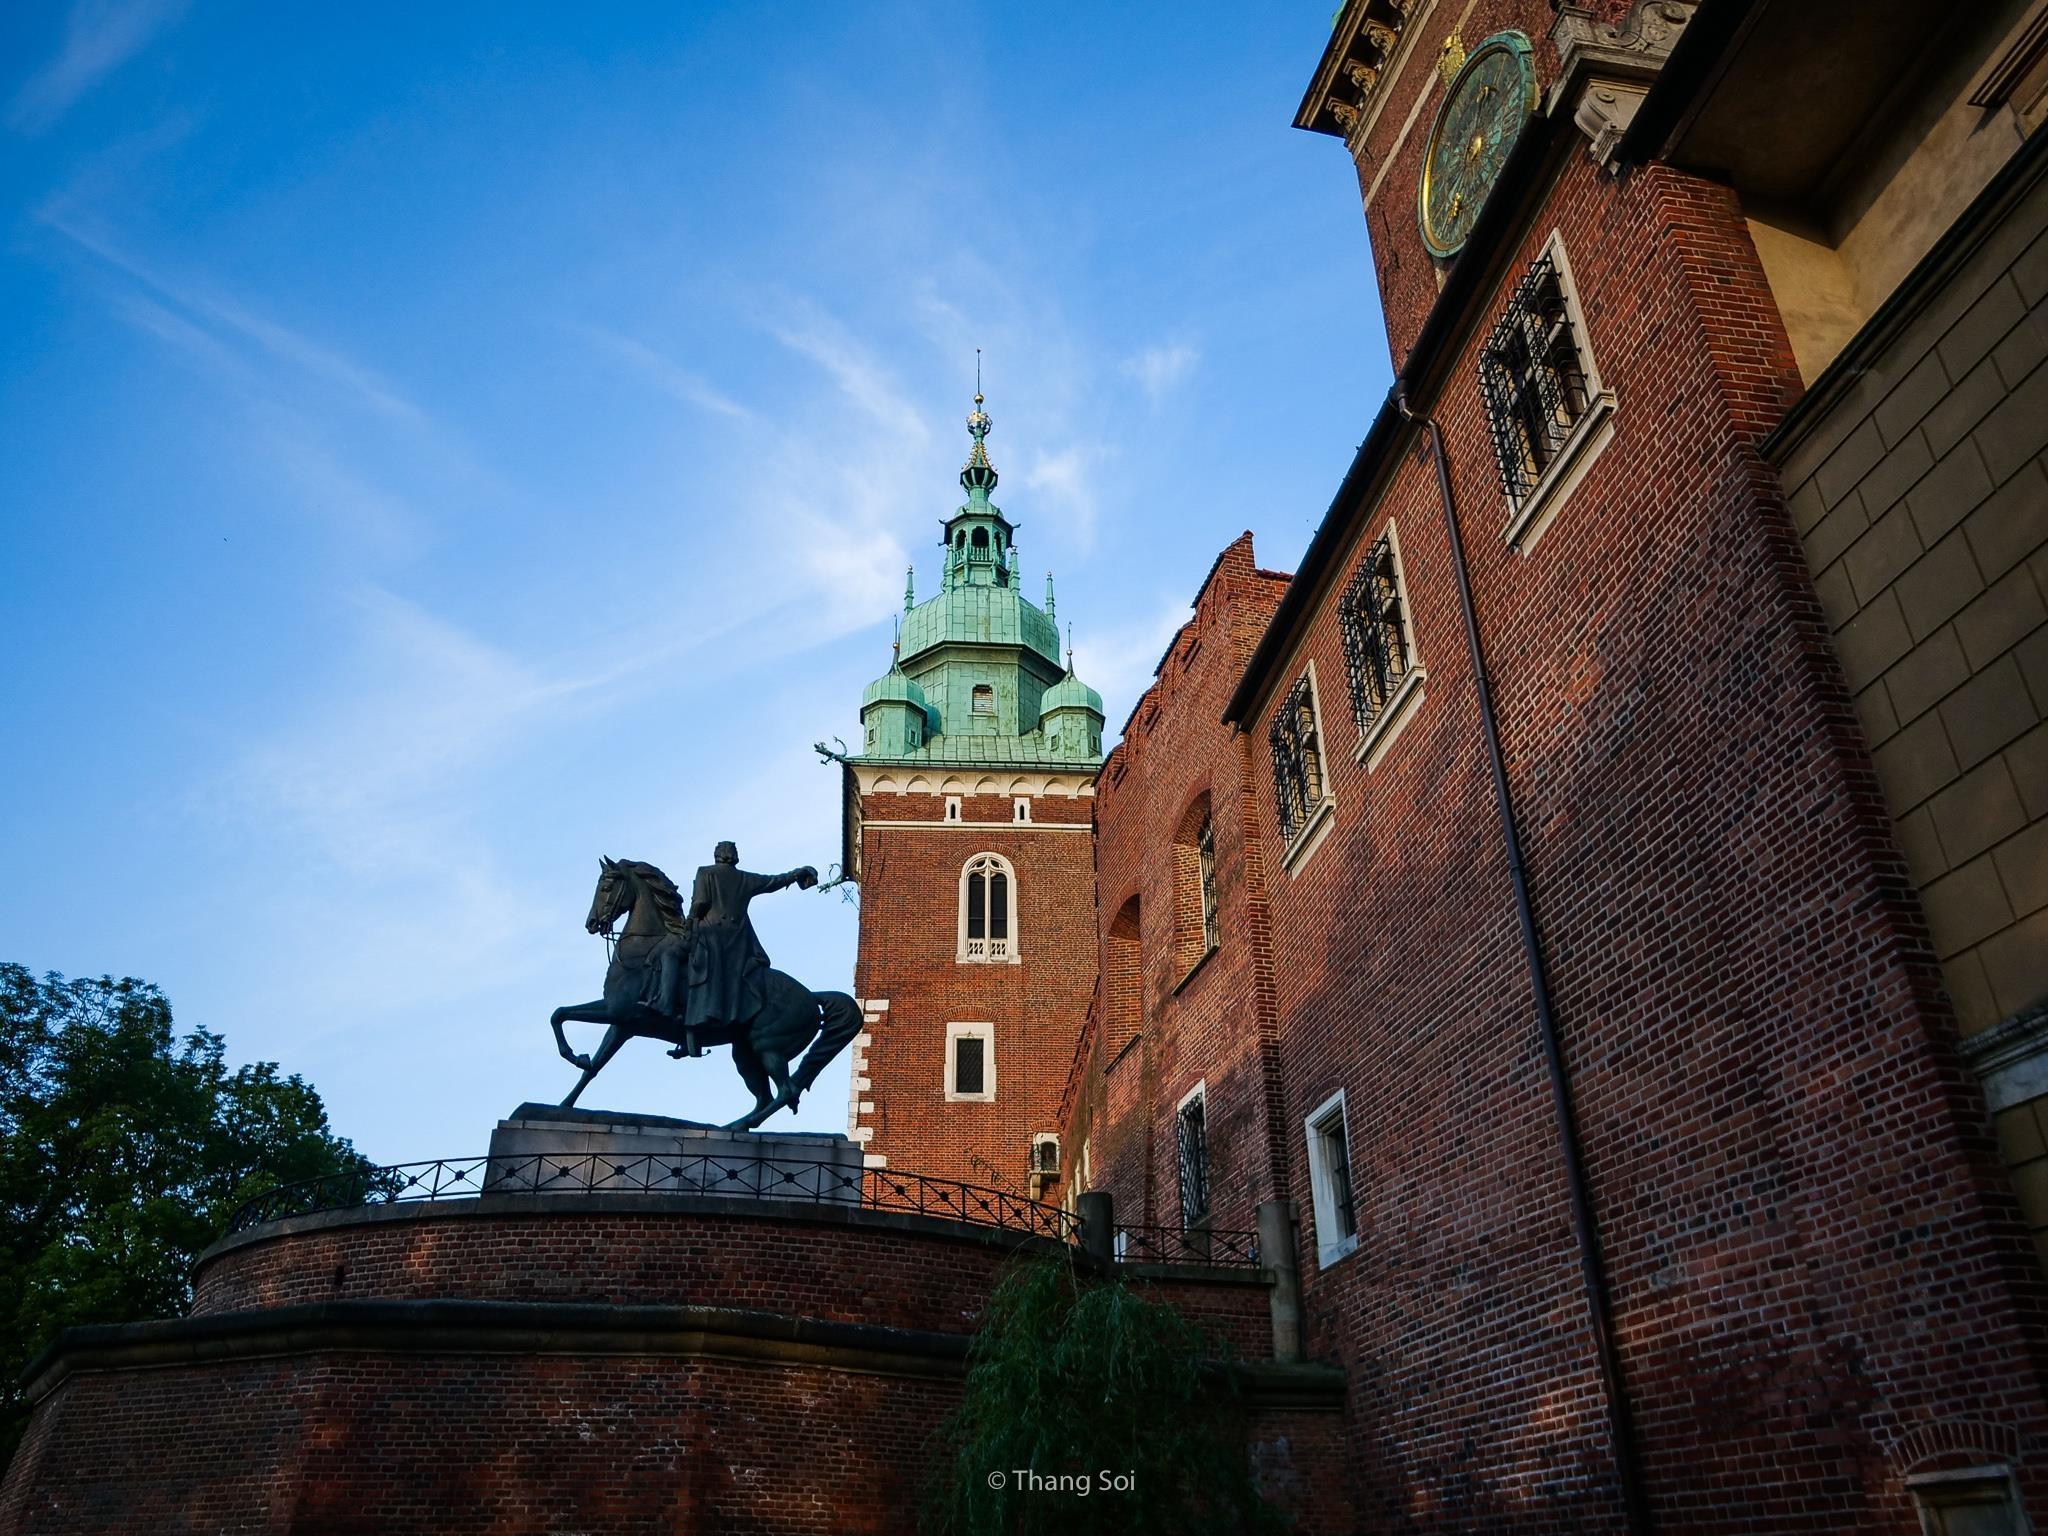 Krakow, kinh do co phai ghe tham khi den Ba Lan hinh anh 54